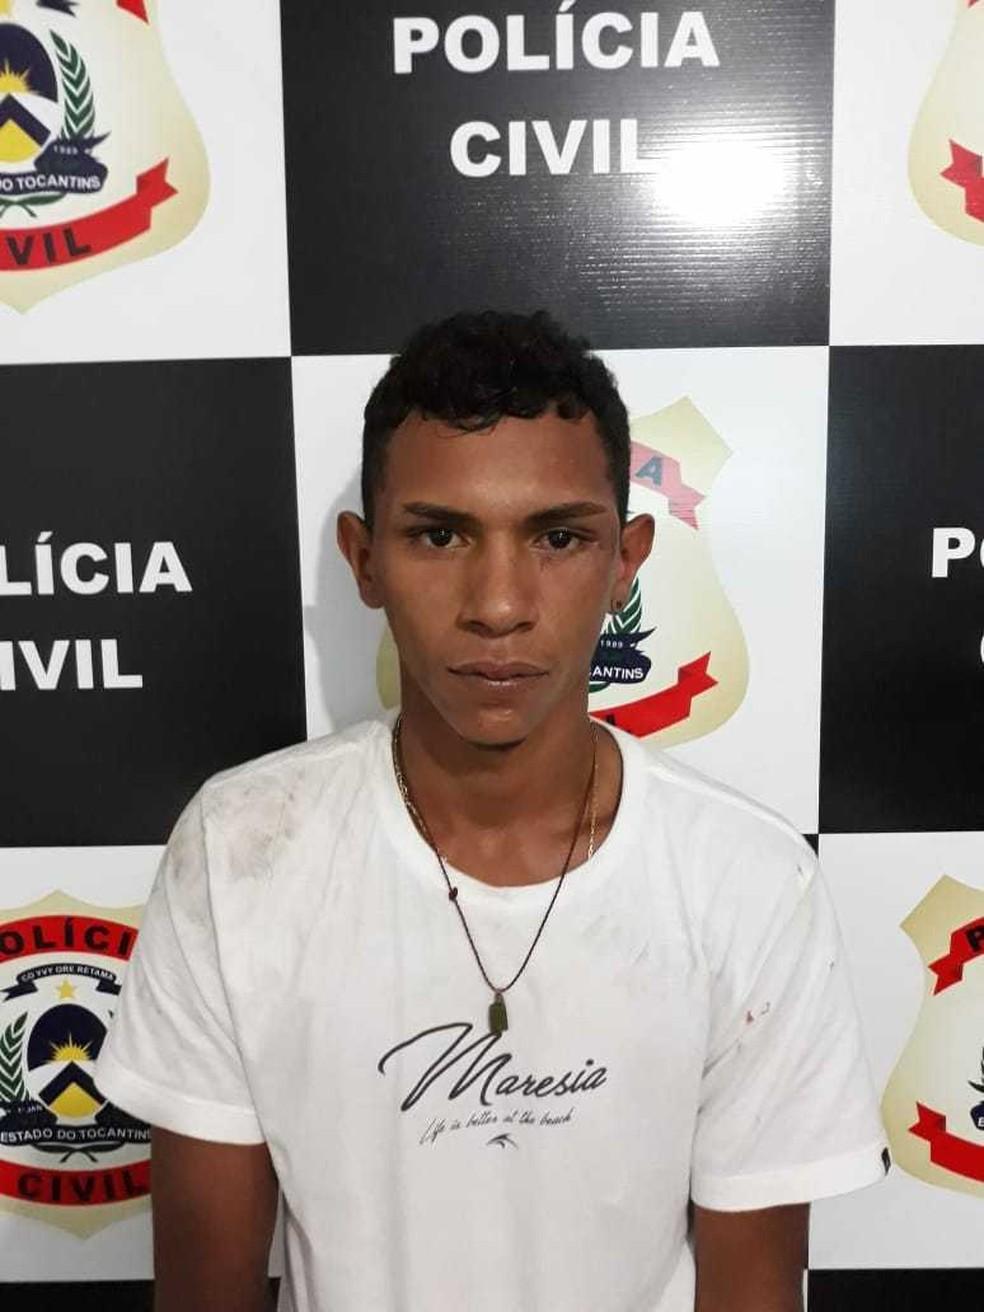 Jovem é preso suspeito de roubar comércios em Miracema do Tocantins — Foto: Divulgação/SSP